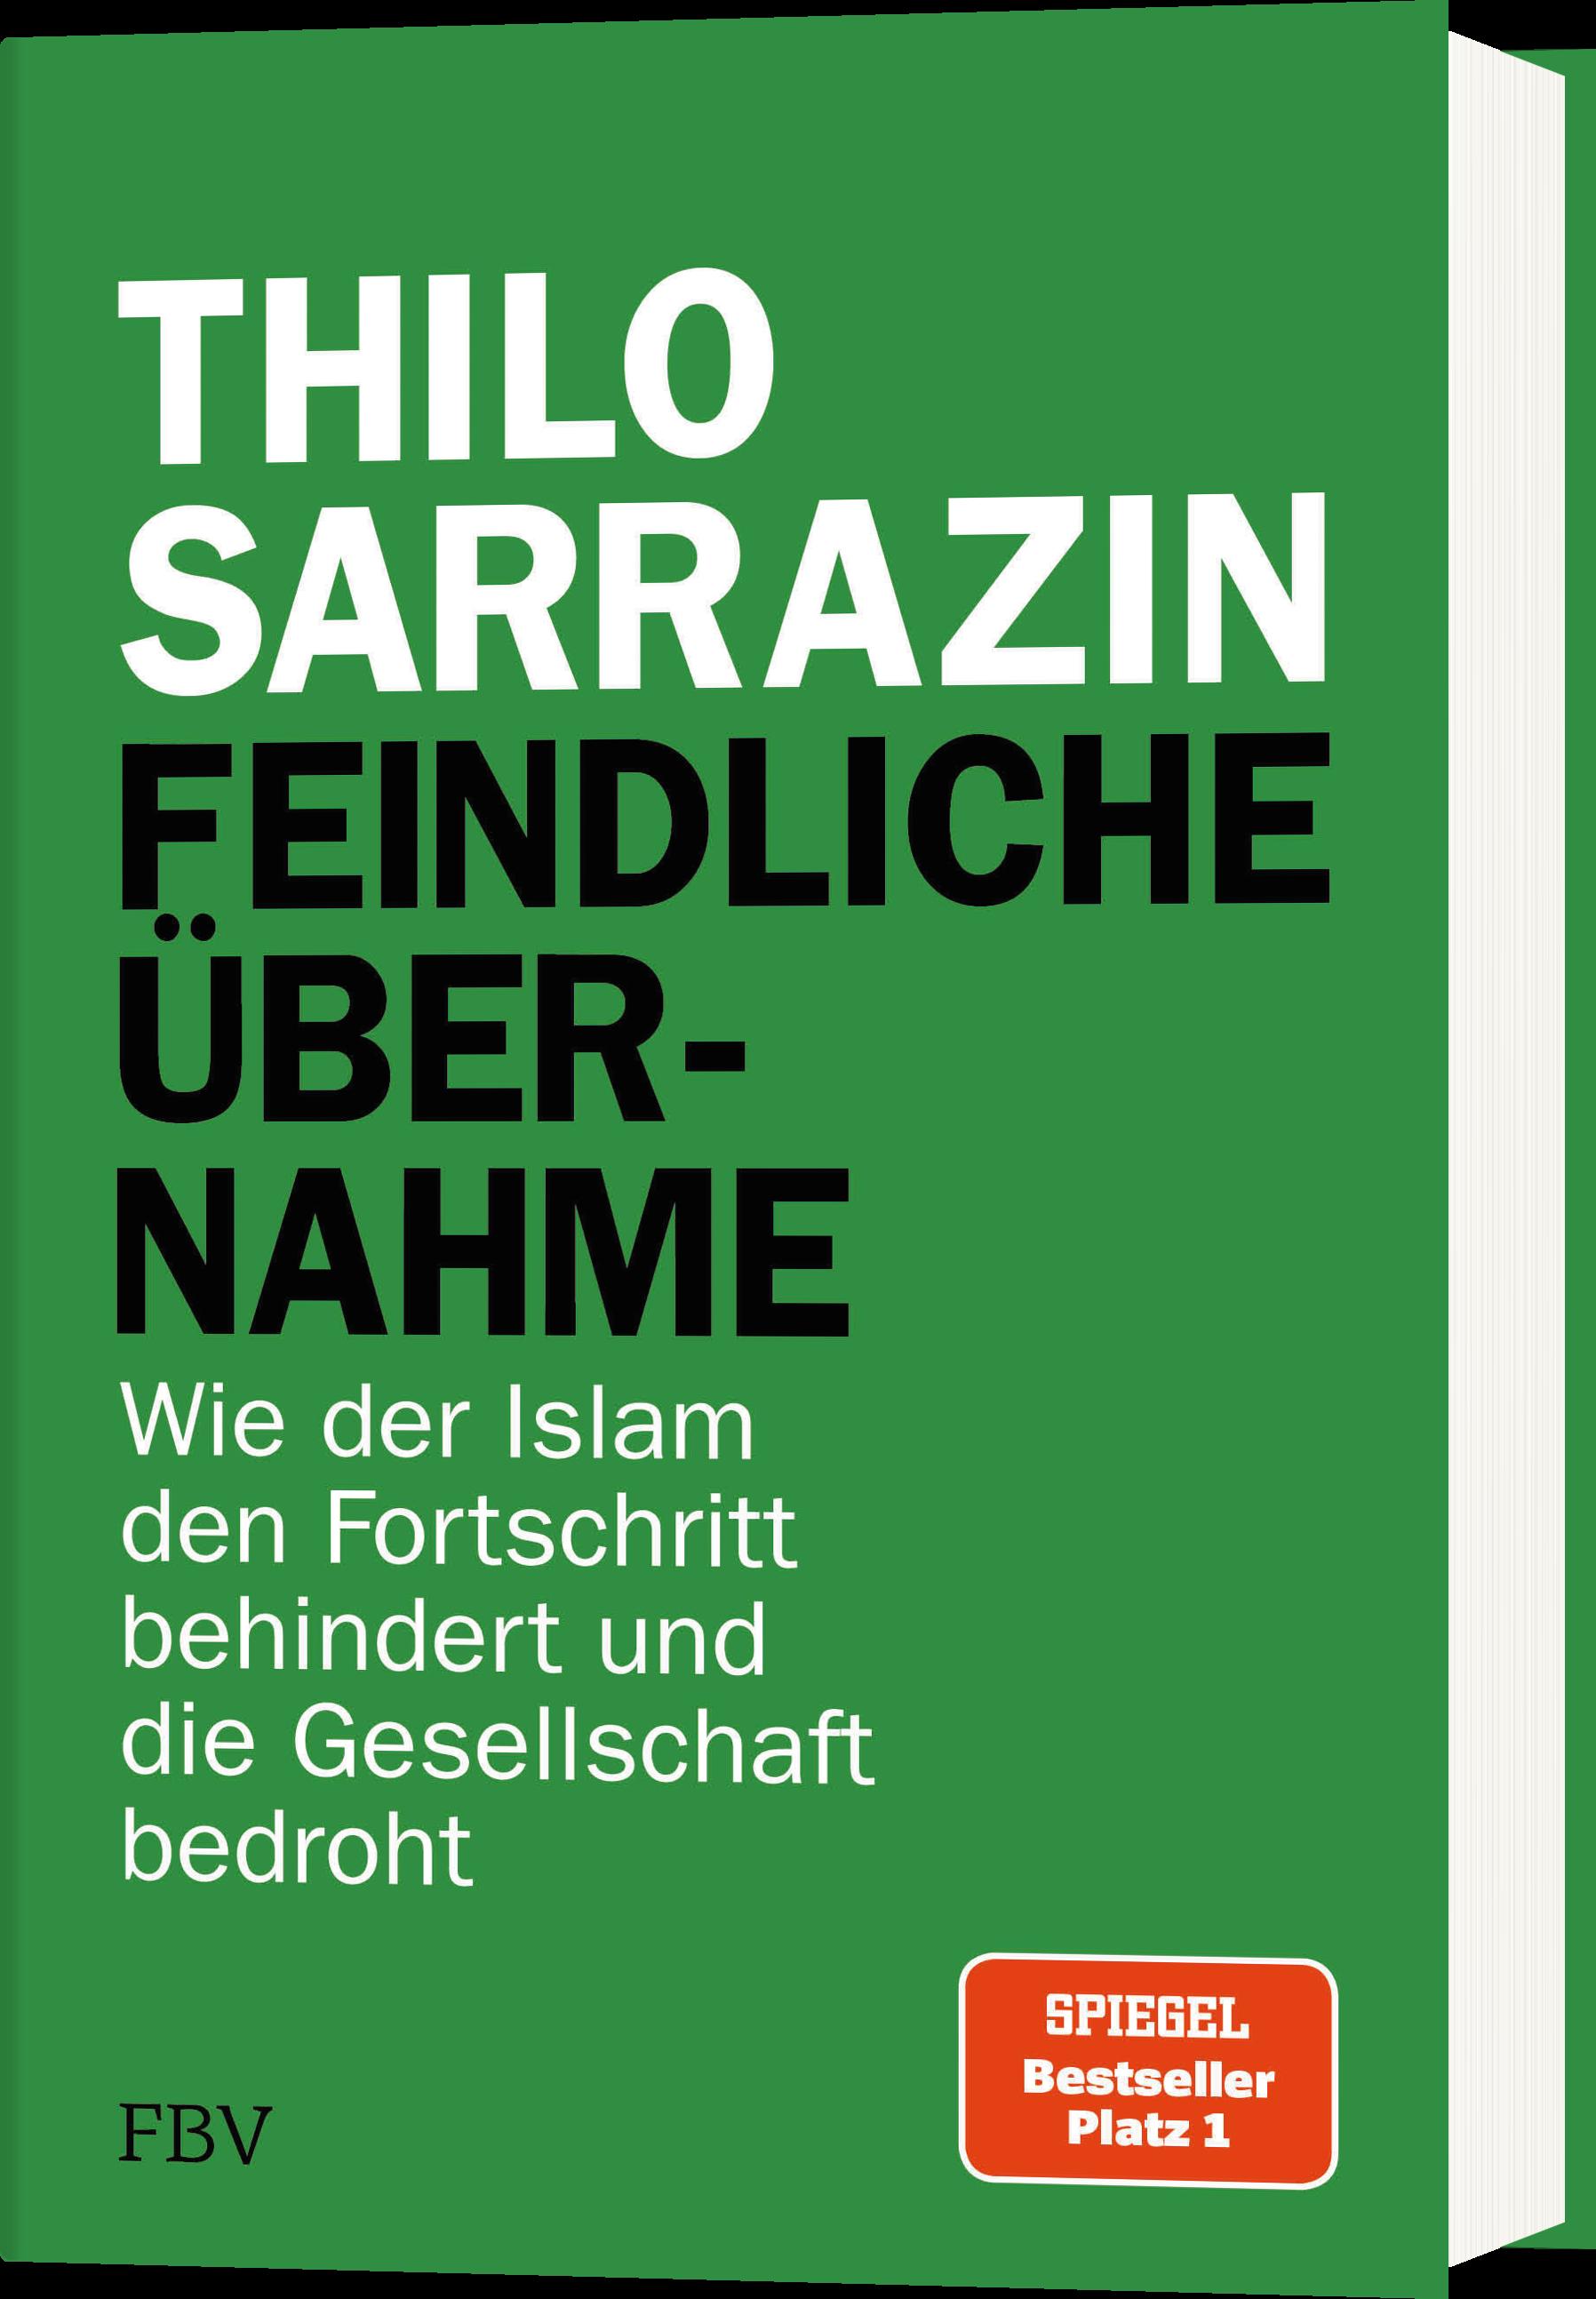 Feindliche übernahme Wie Der Islam Den Fortschritt Behindert Und